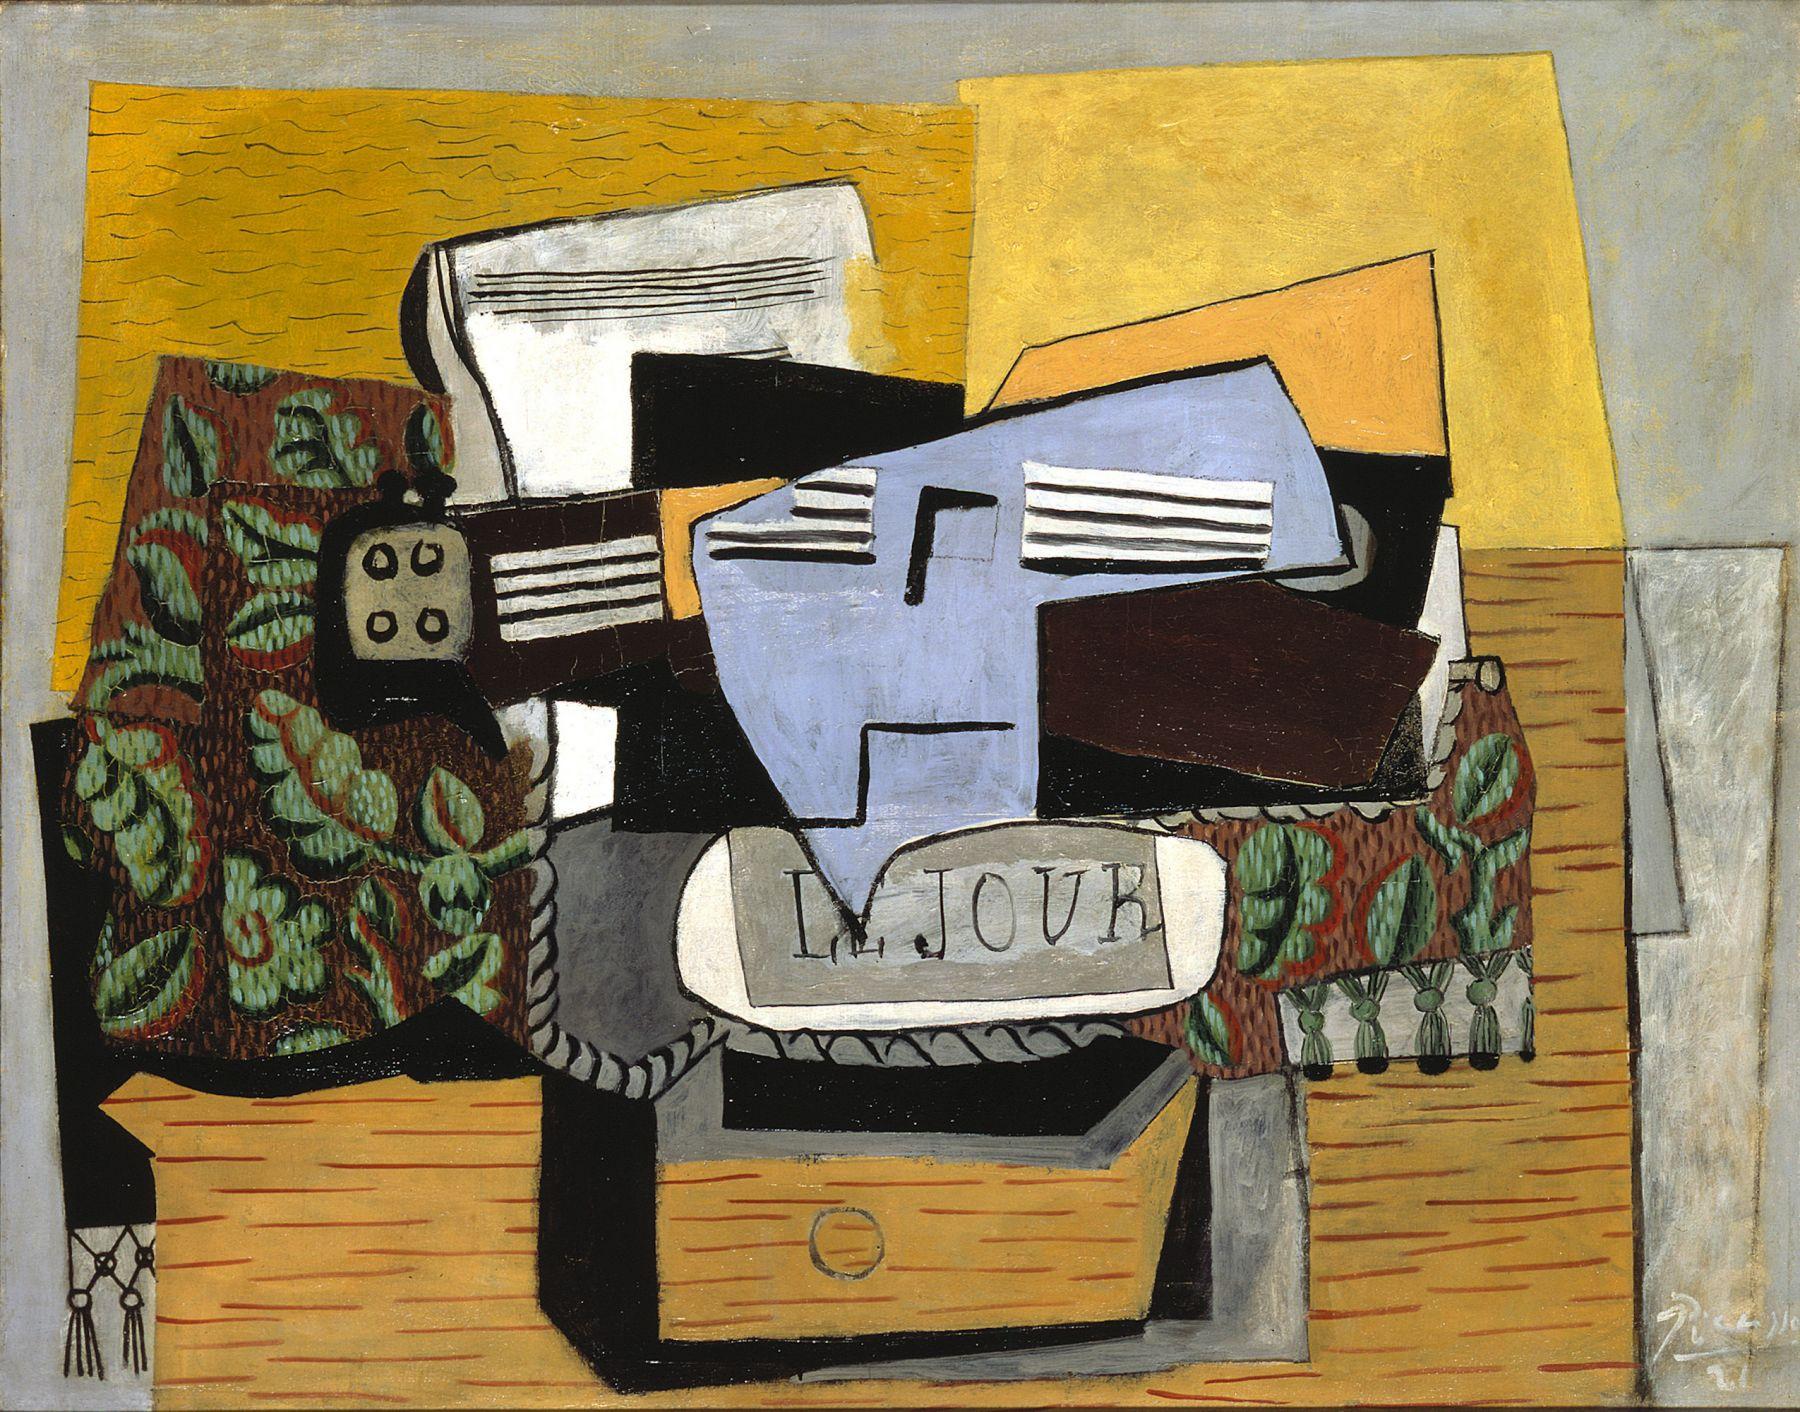 Pablo Picasso, Violon et Journal sur un Tapis Vert, 1922 Oil on canvas 73.3 x 92.1 cm. (28 7/8 x 36 1/4 in.)